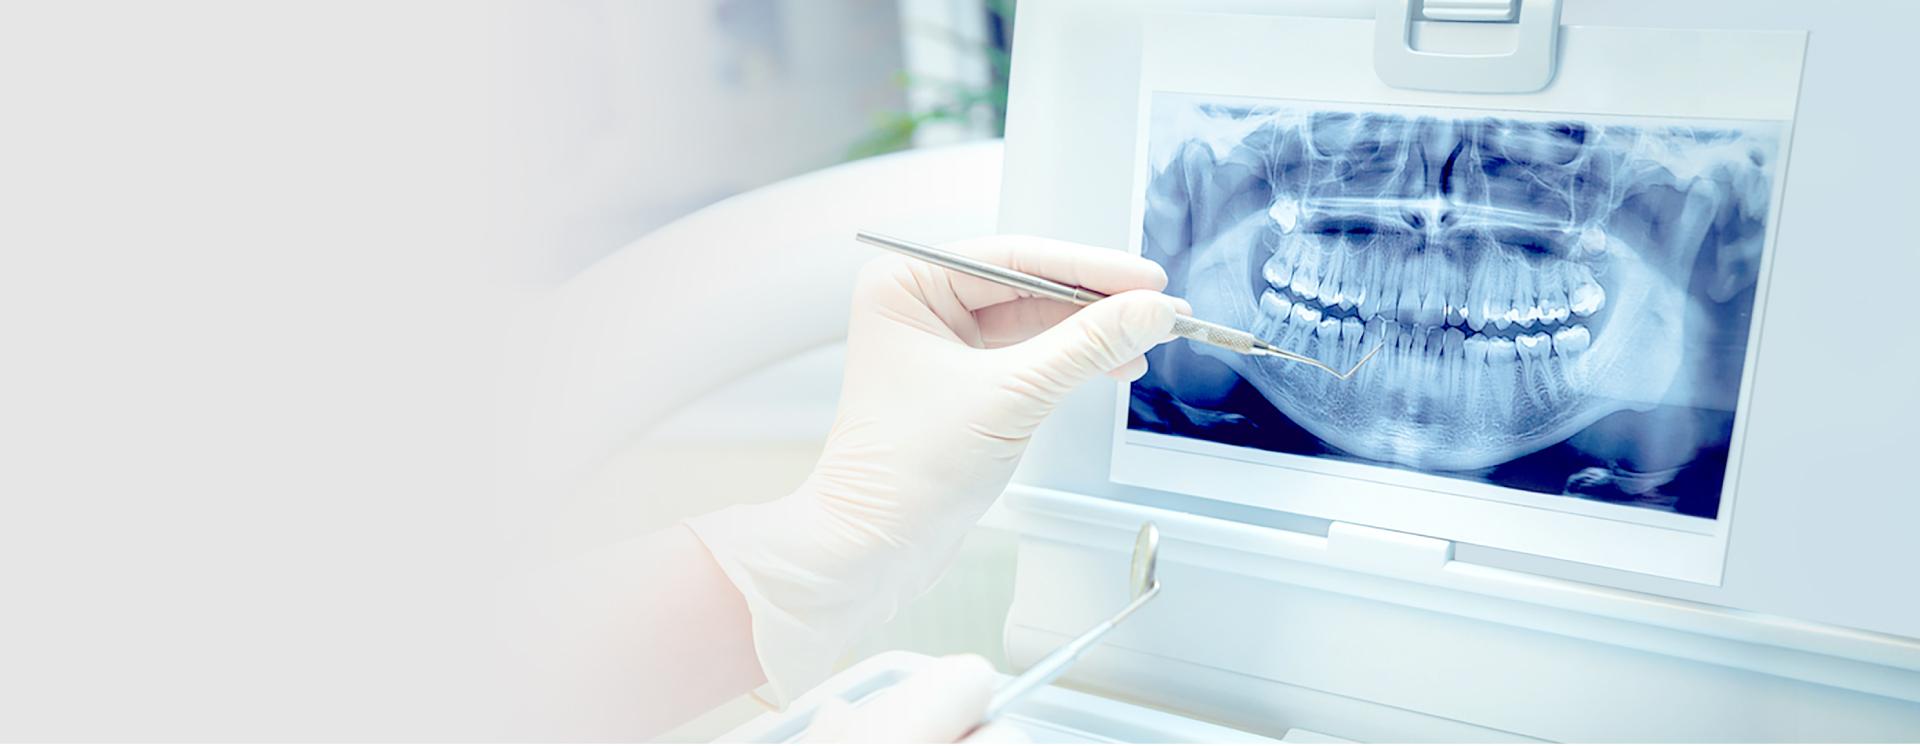 Cắm Implant ở đâu uy tín hiệu quả cao? [Đánh giá từ chuyên gia]